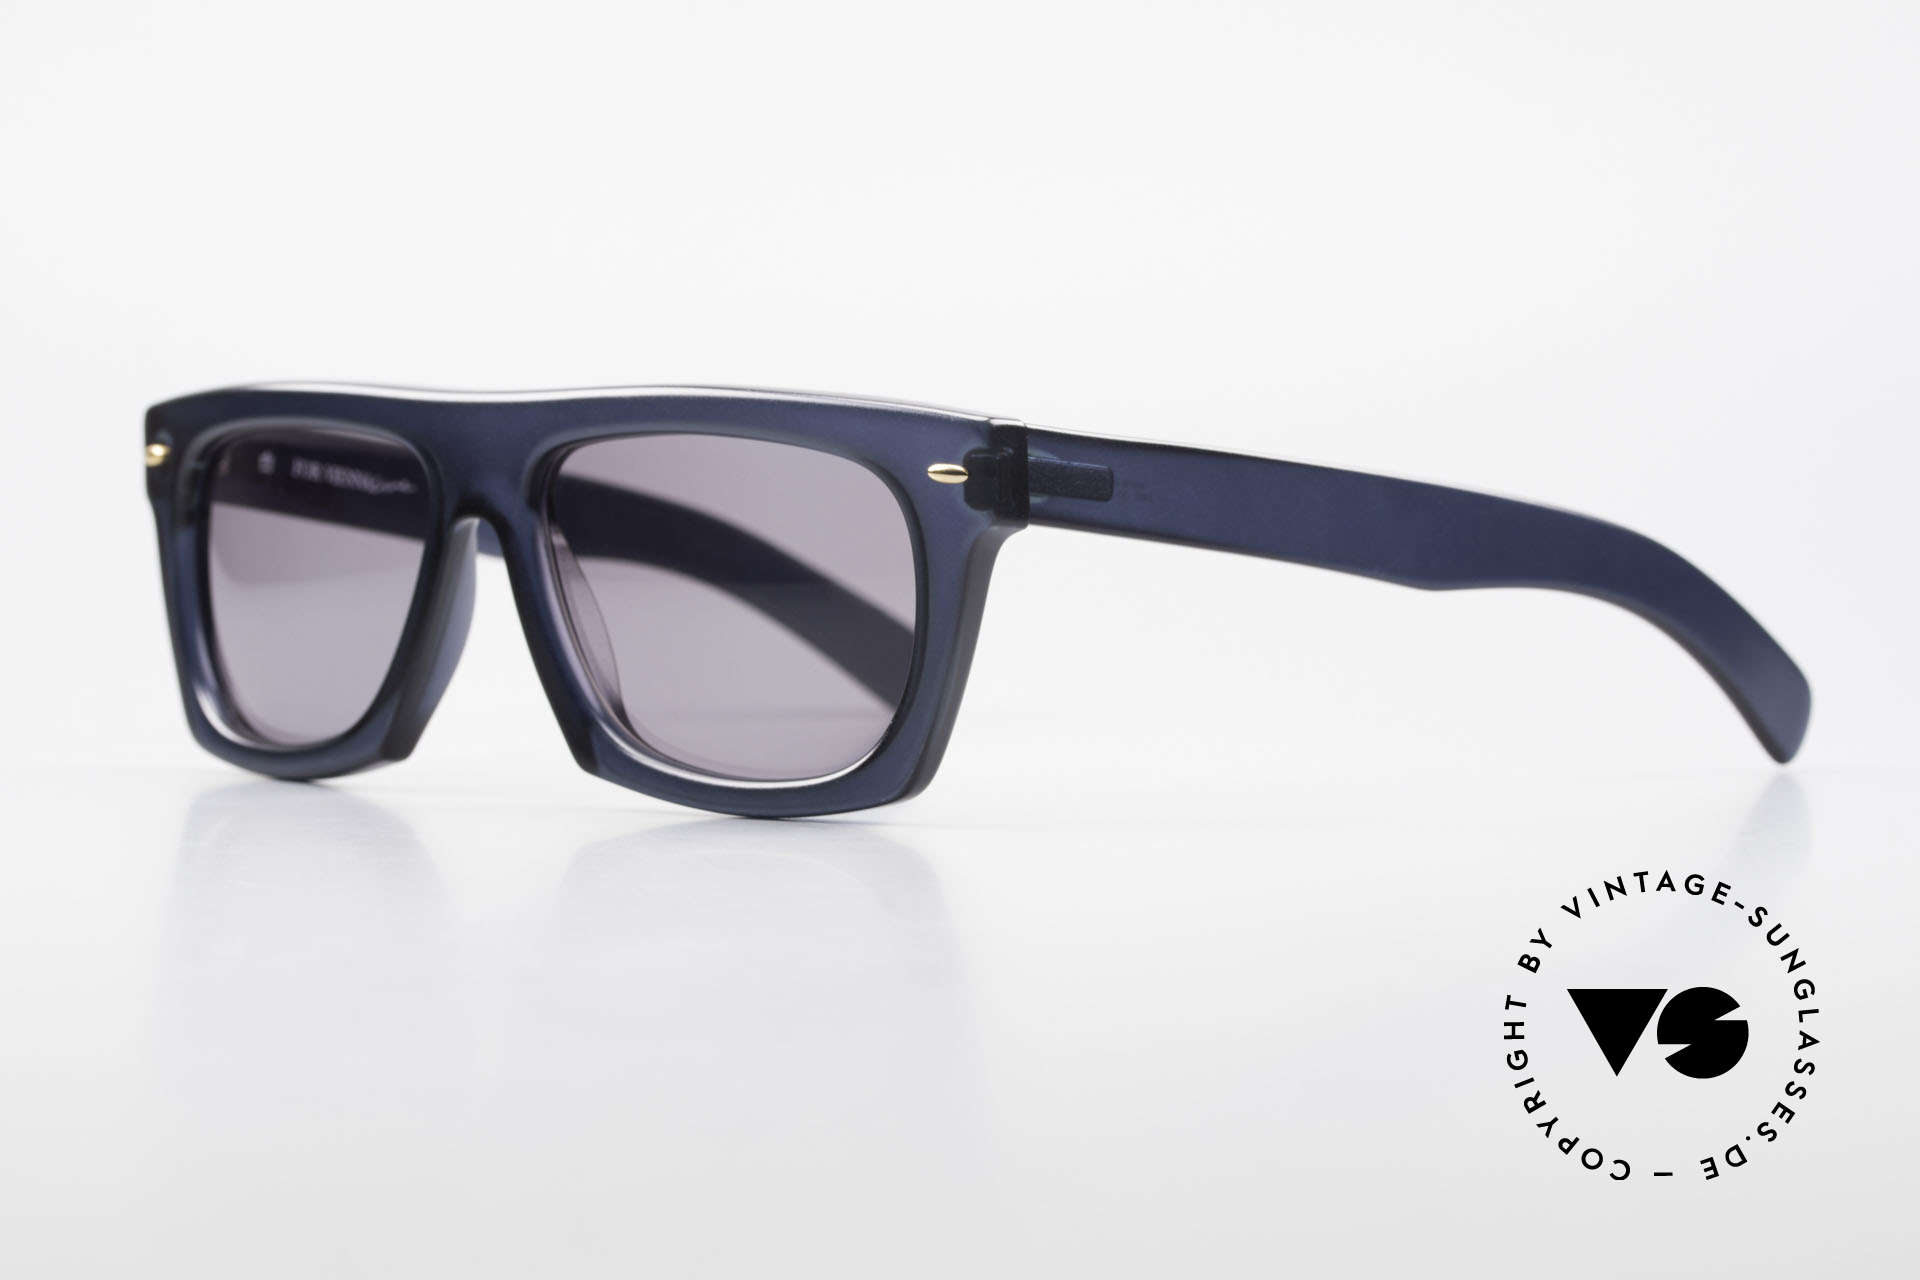 Paloma Picasso 1460 90er Original Designerbrille, zeitloses 90er Jahre Design von ViennaLine/Optyl, Passend für Herren und Damen